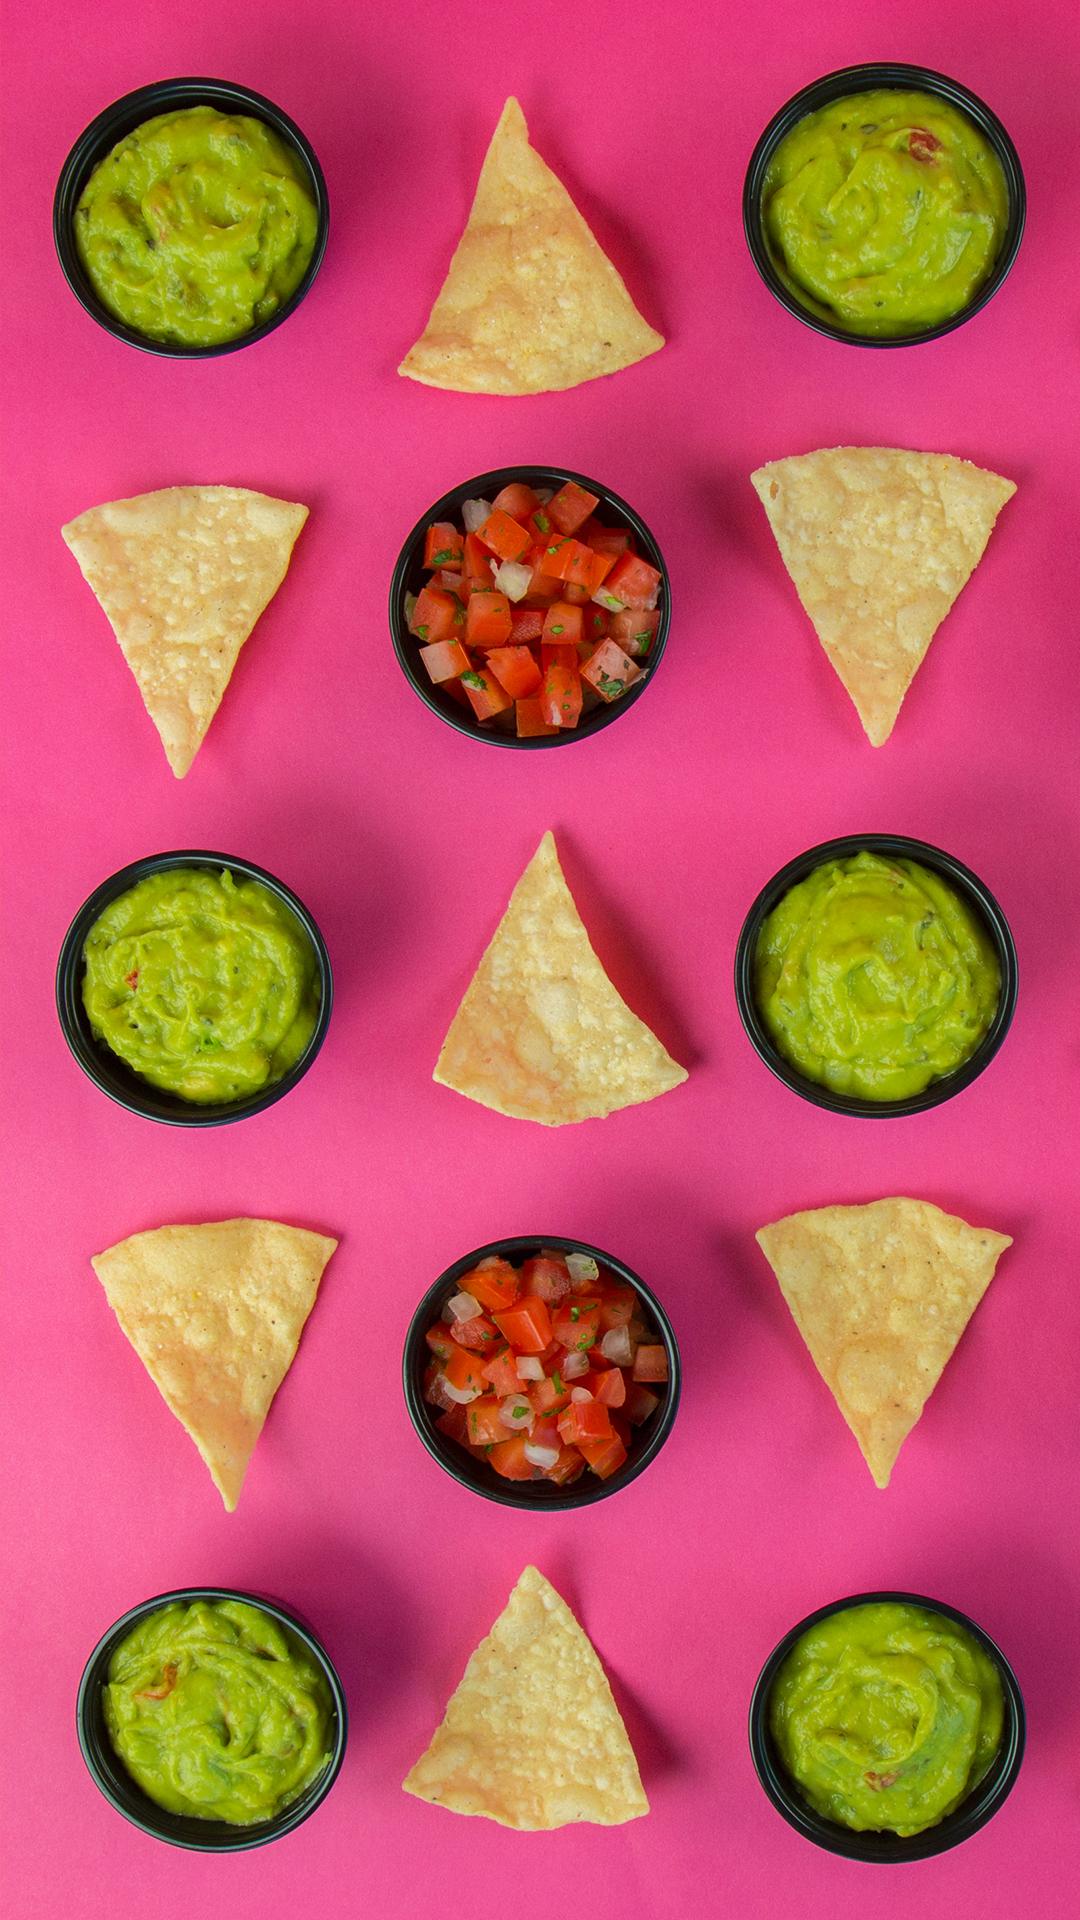 Taco Bell Wallpaper-15